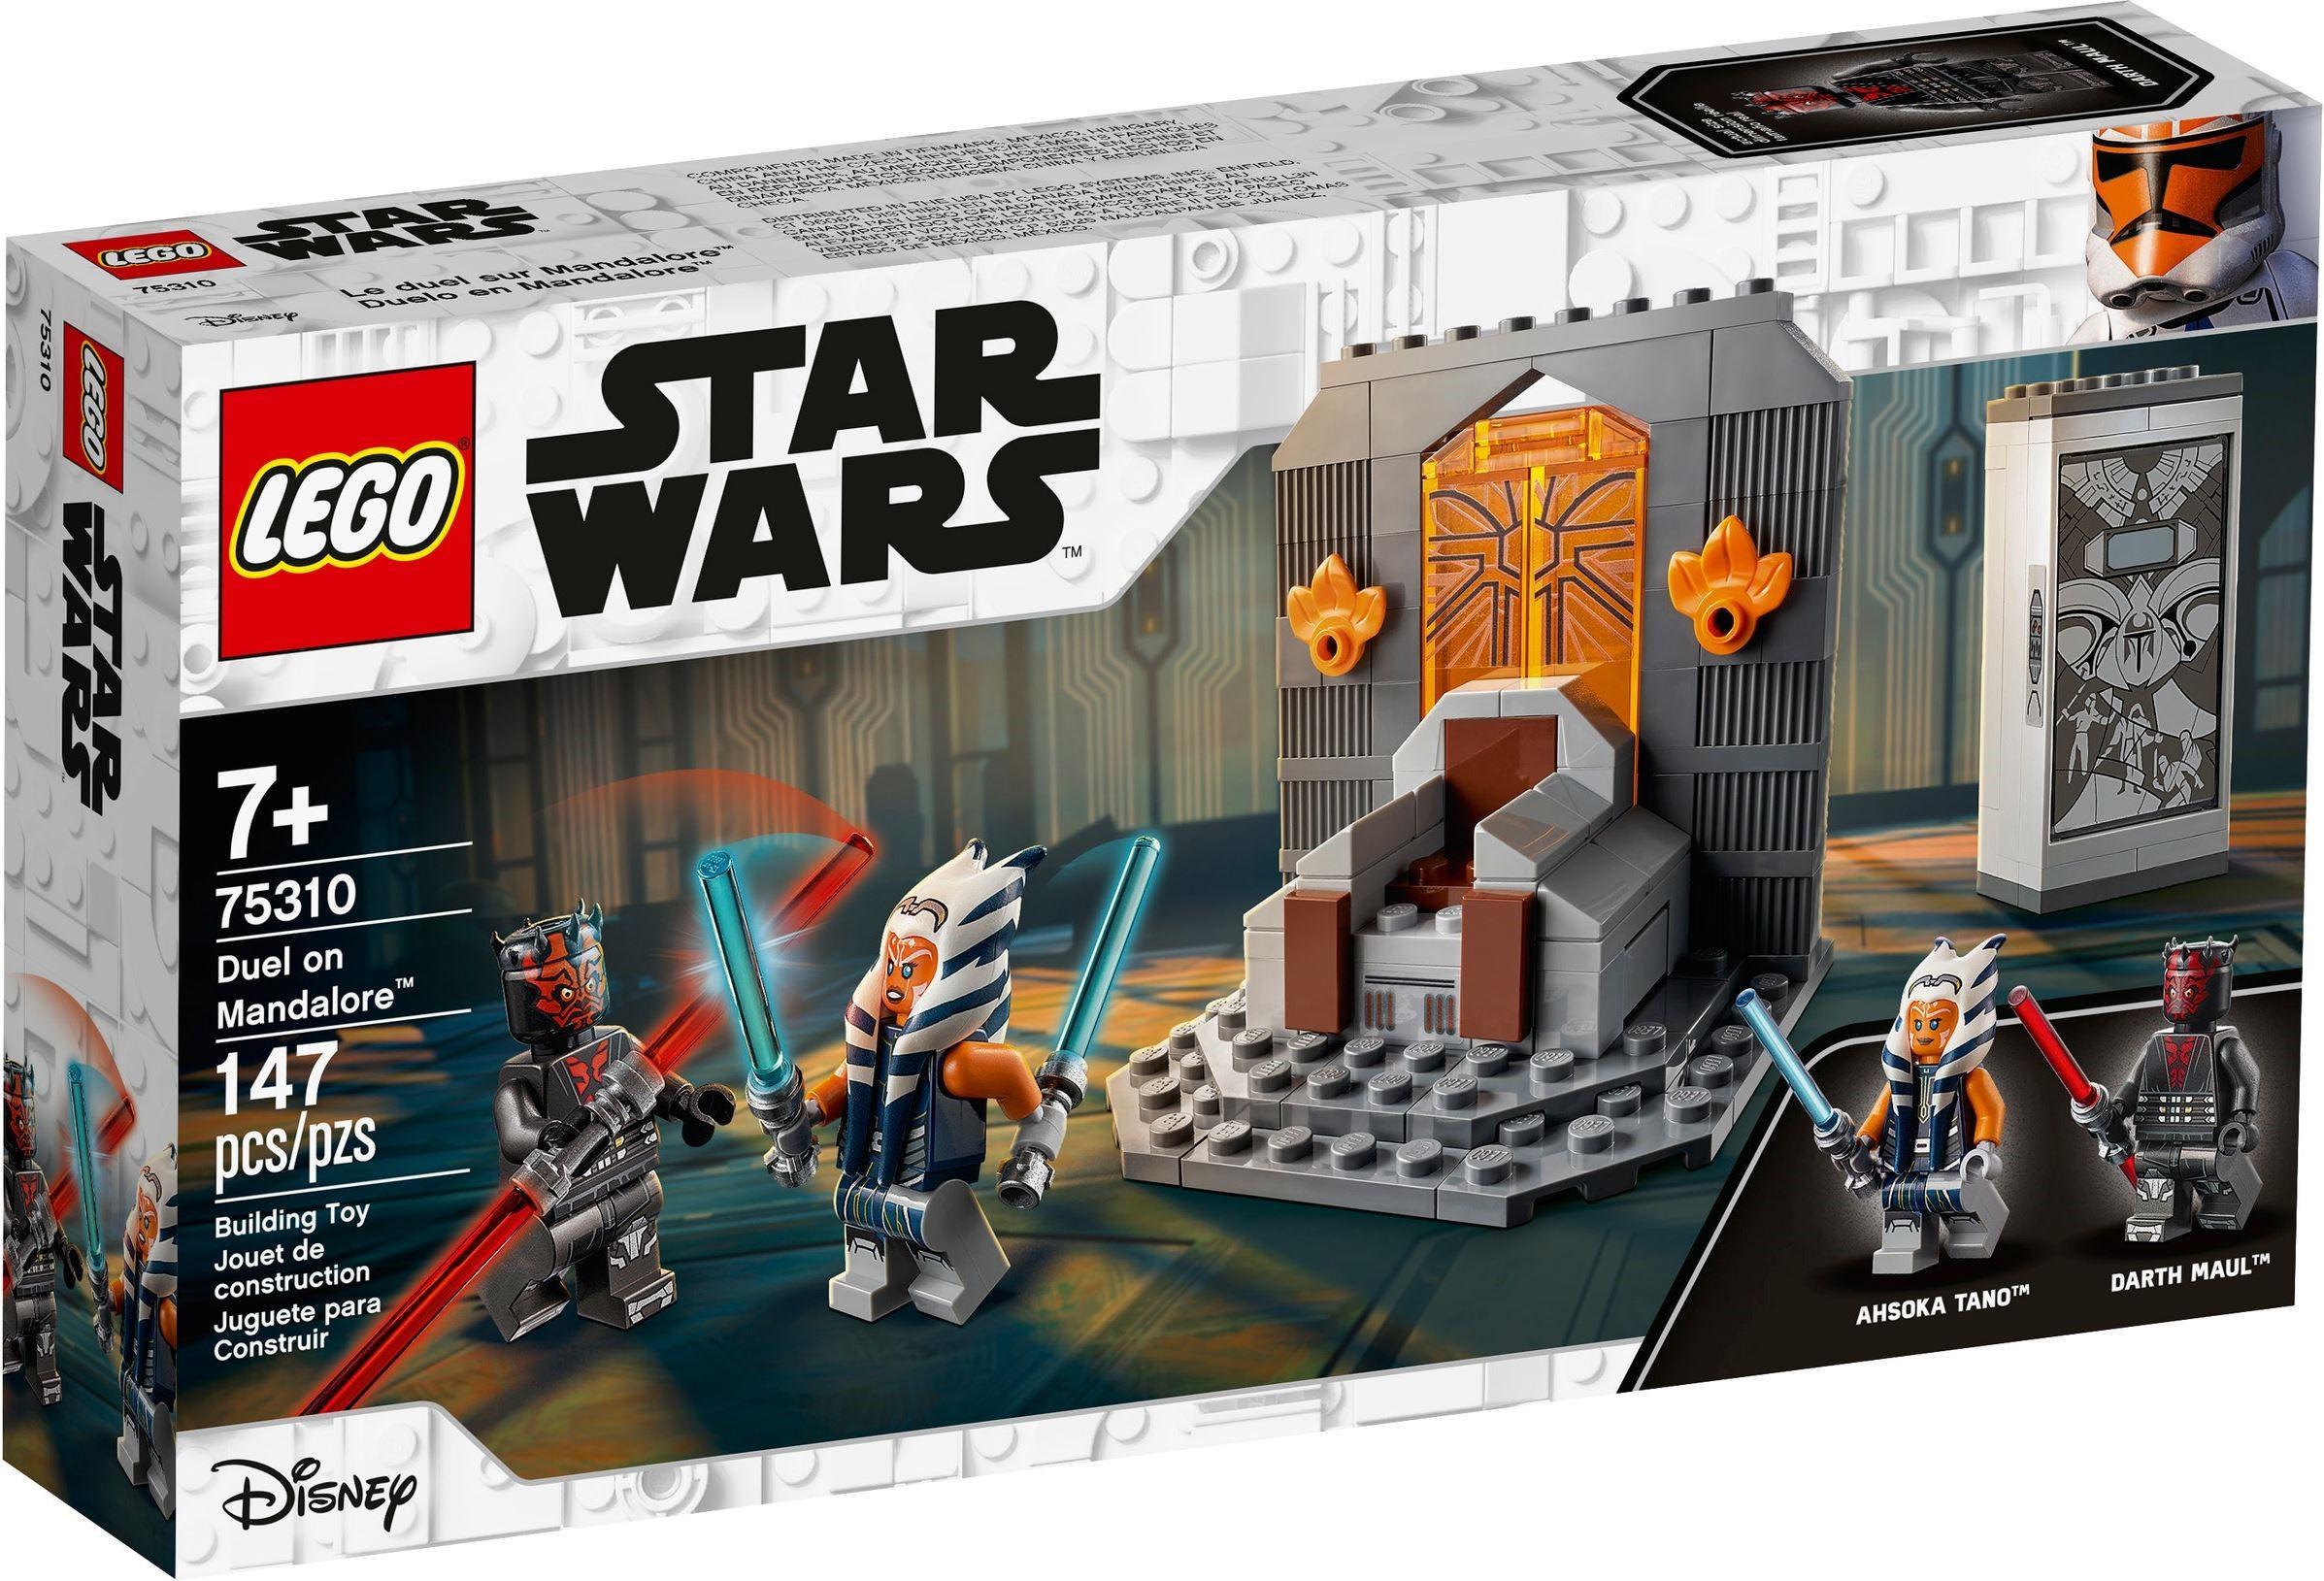 2021 LEGO Star Wars